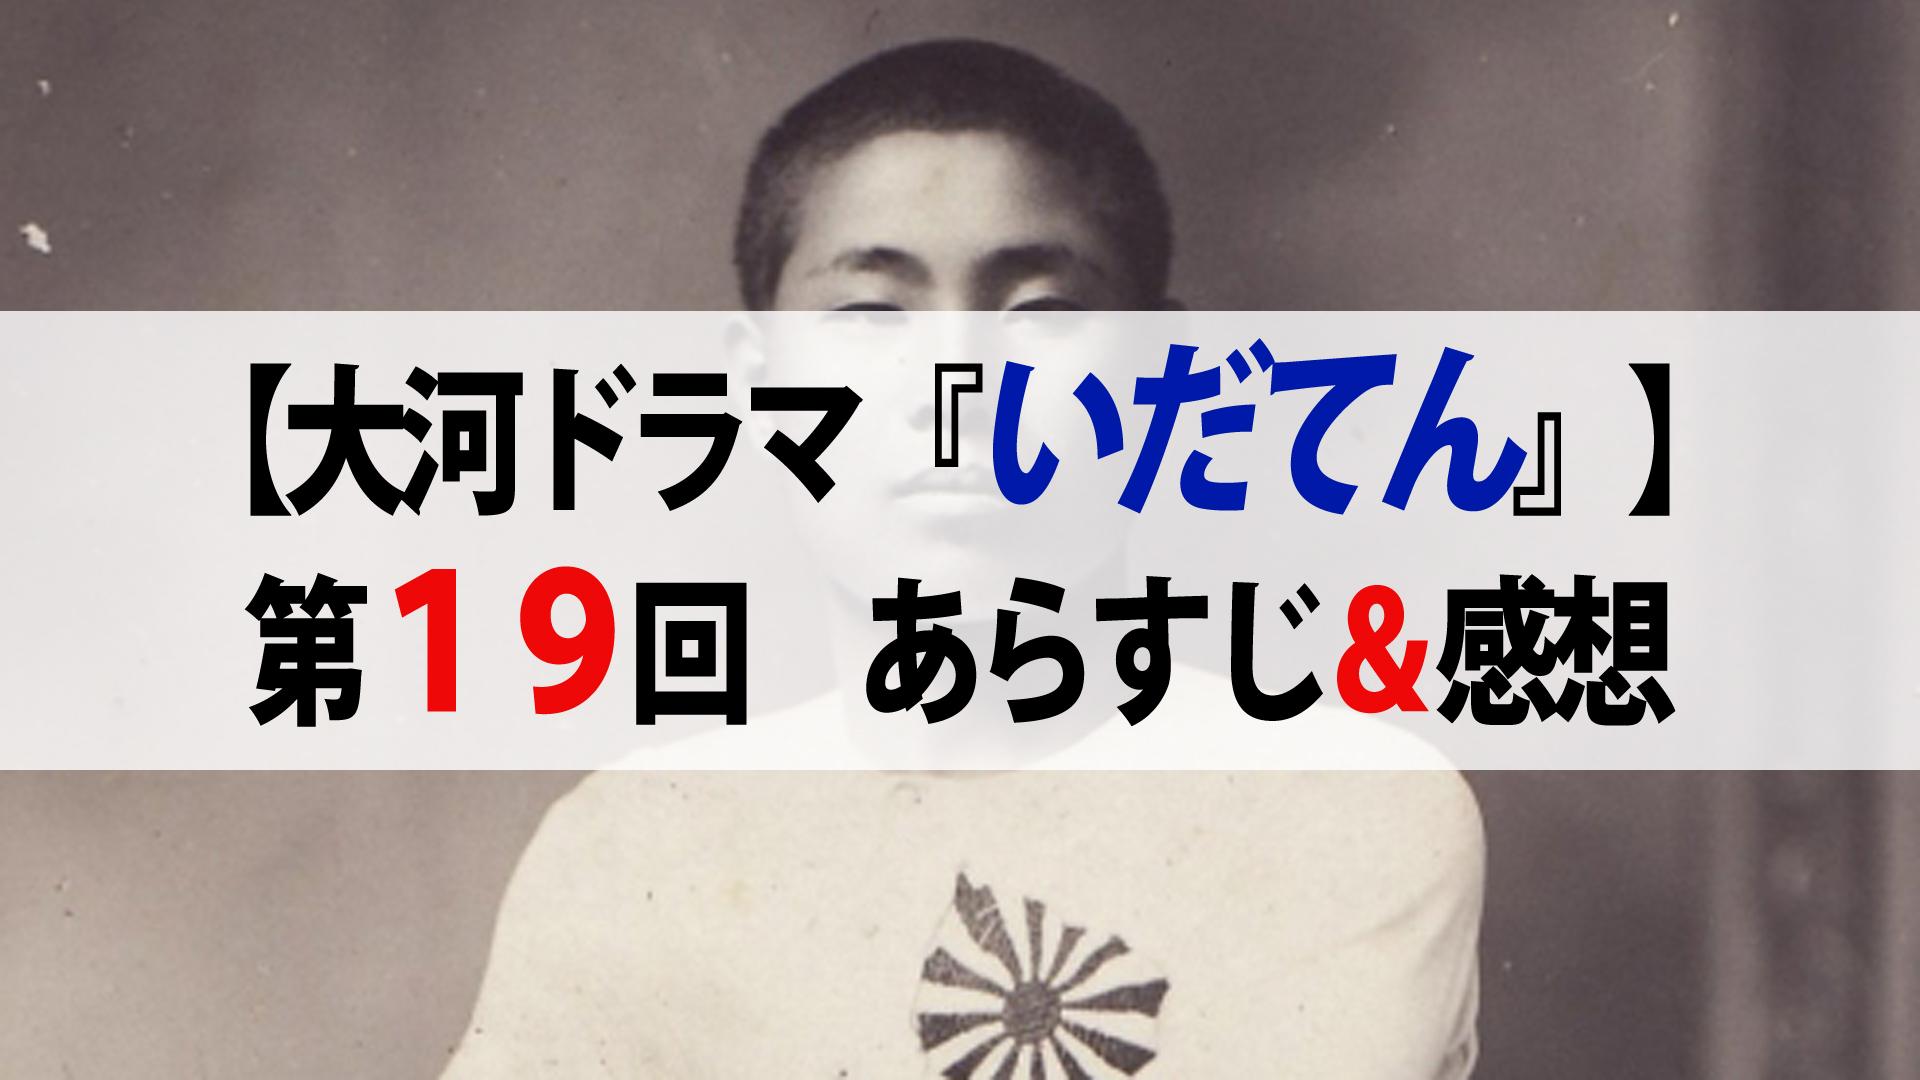 【大河ドラマ『いだてん』】第19回『箱根駅伝』あらすじ&感想